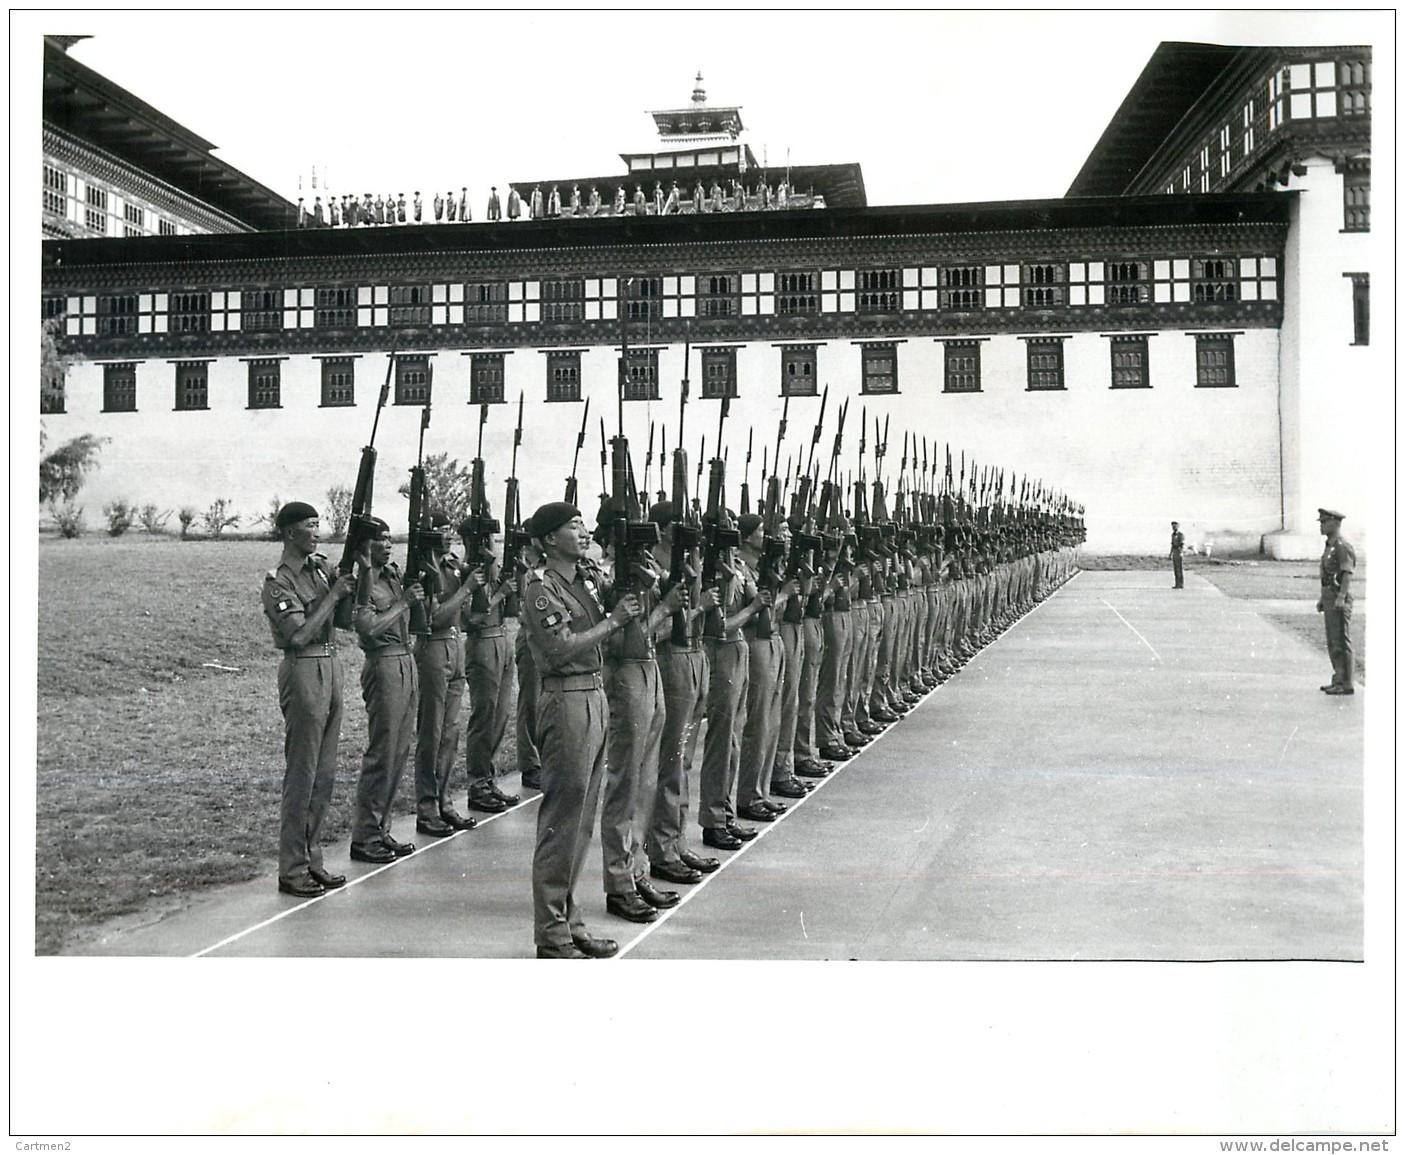 BHOUTAN BHUTAN SOLDIER'S OF BHUTAN'S ROYAL ARMY THIMPHU CORONATION KING JIGME SINGYE WANGCHUCH - Bhoutan